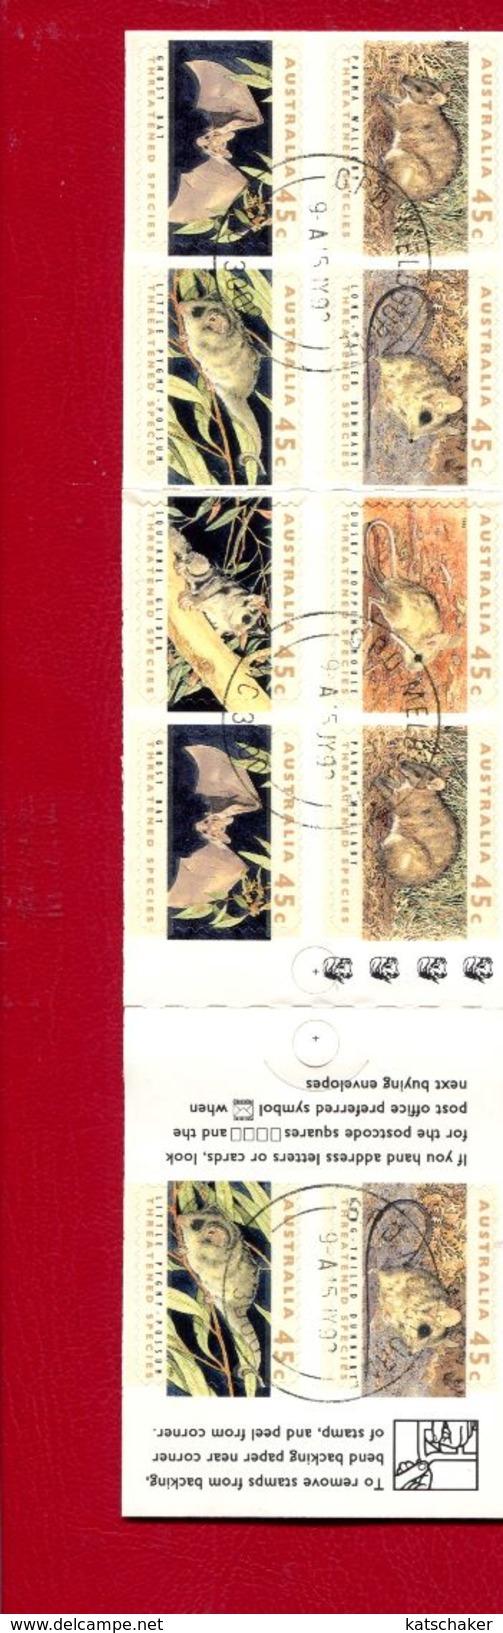 462406897 AUSTRALIA 1992 GEBRUIKT USED OBLITERE GESTEMPELD SCOTT 1246b YVERT C1249 OVPT AUSTRALIAN STAMP EXHIBITION - Oblitérés